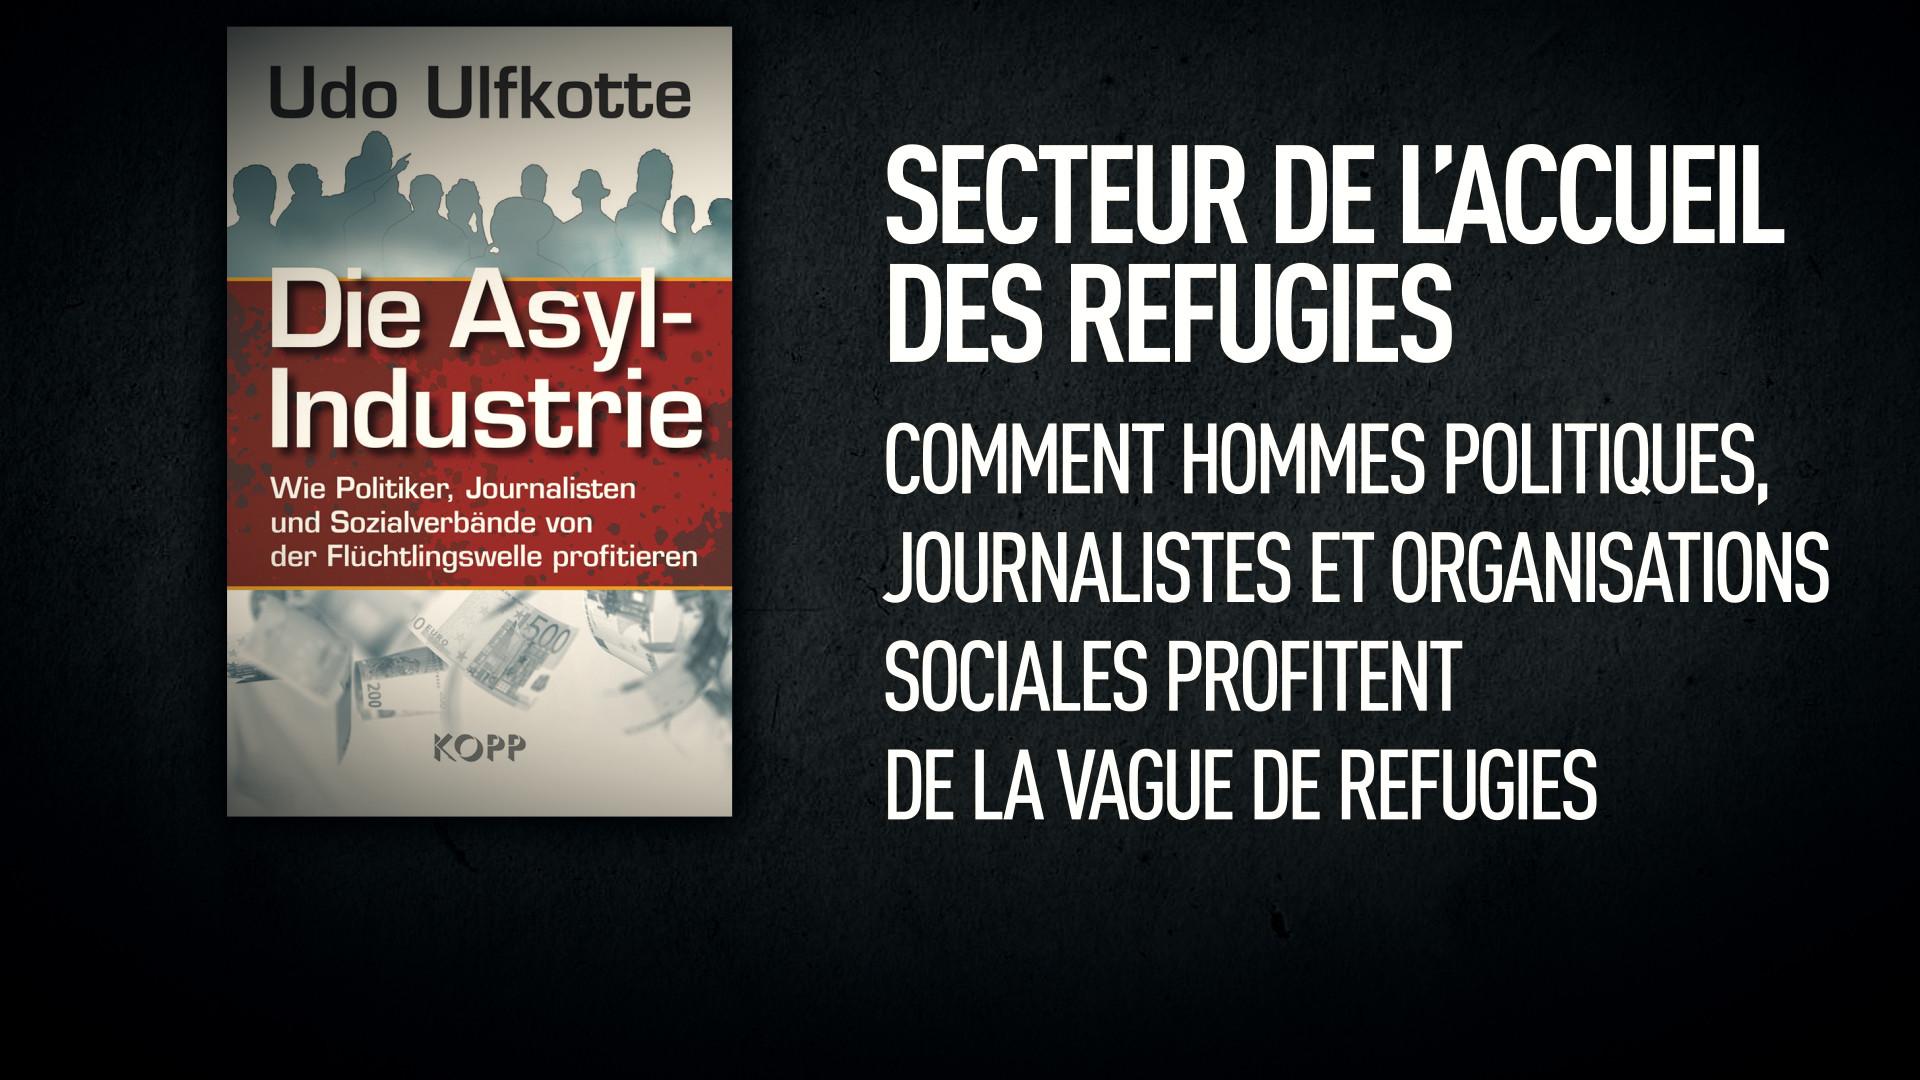 Le nouveau livre d'Udo Ulfkotte